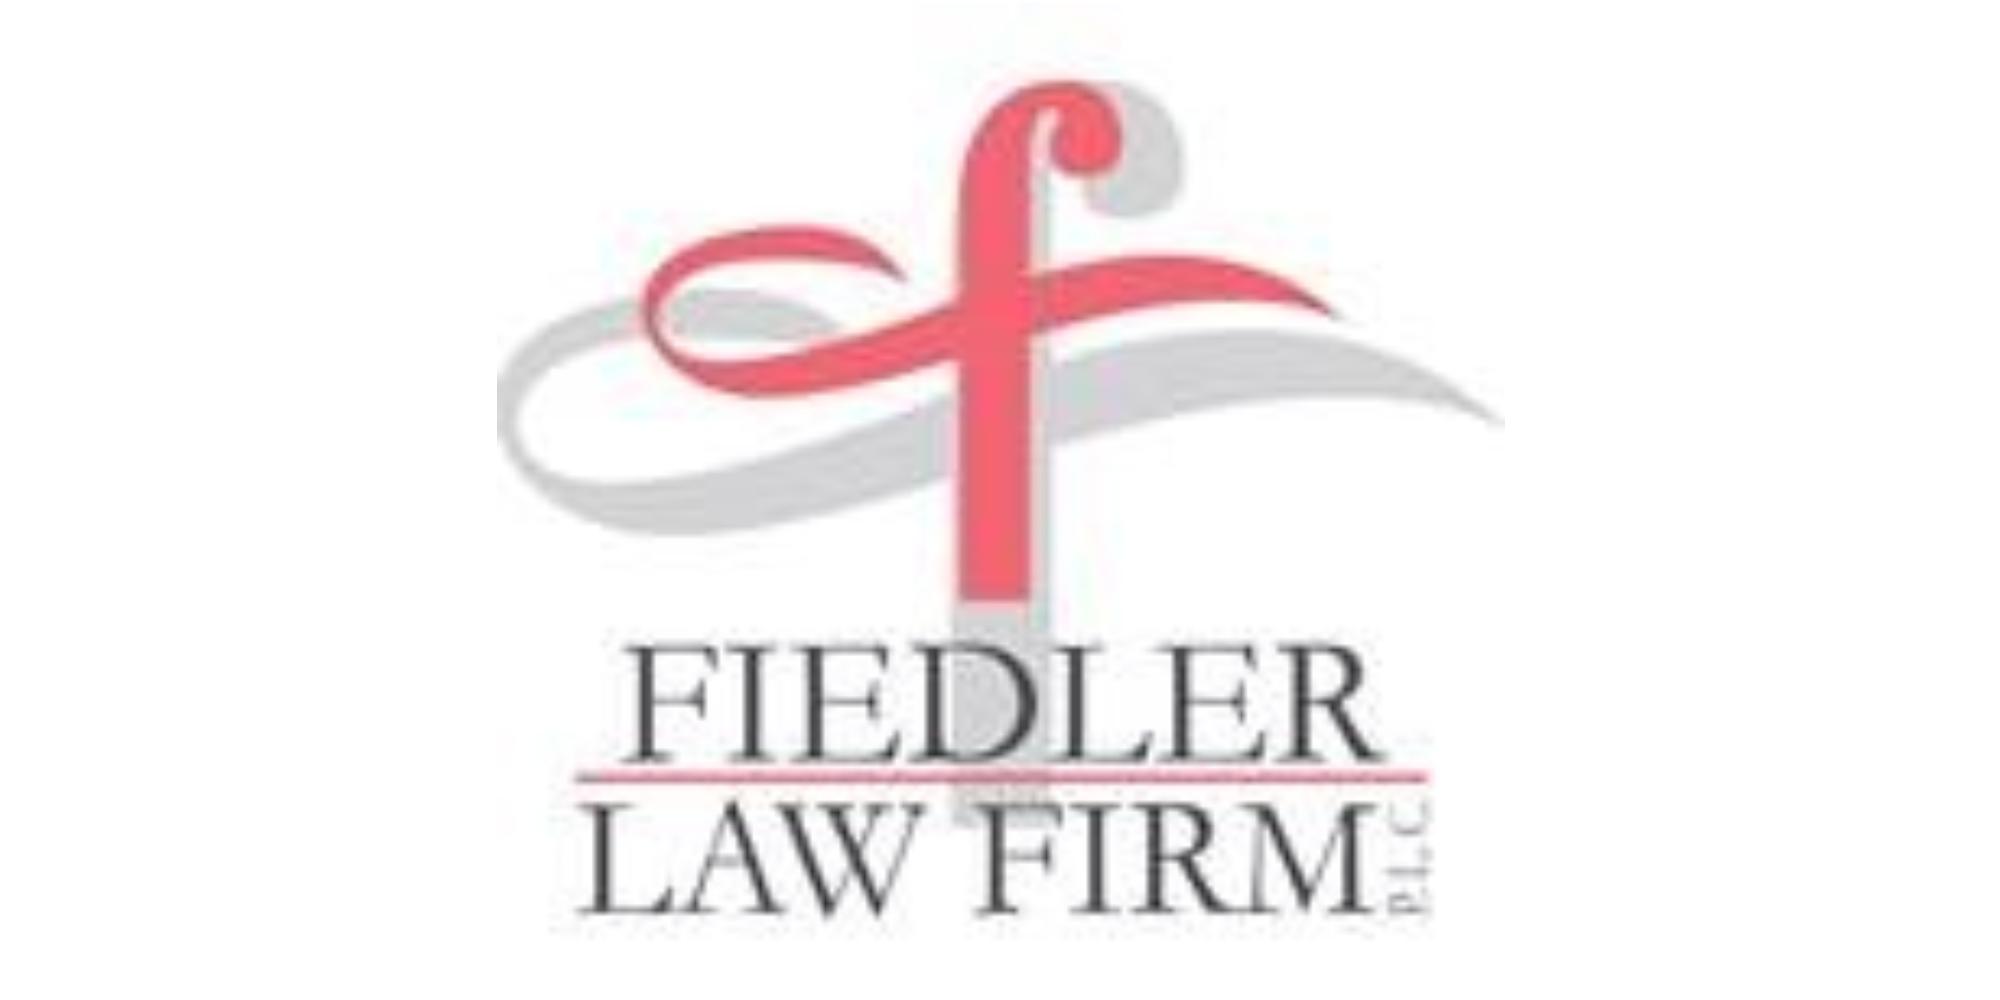 Fiedler Law Firm